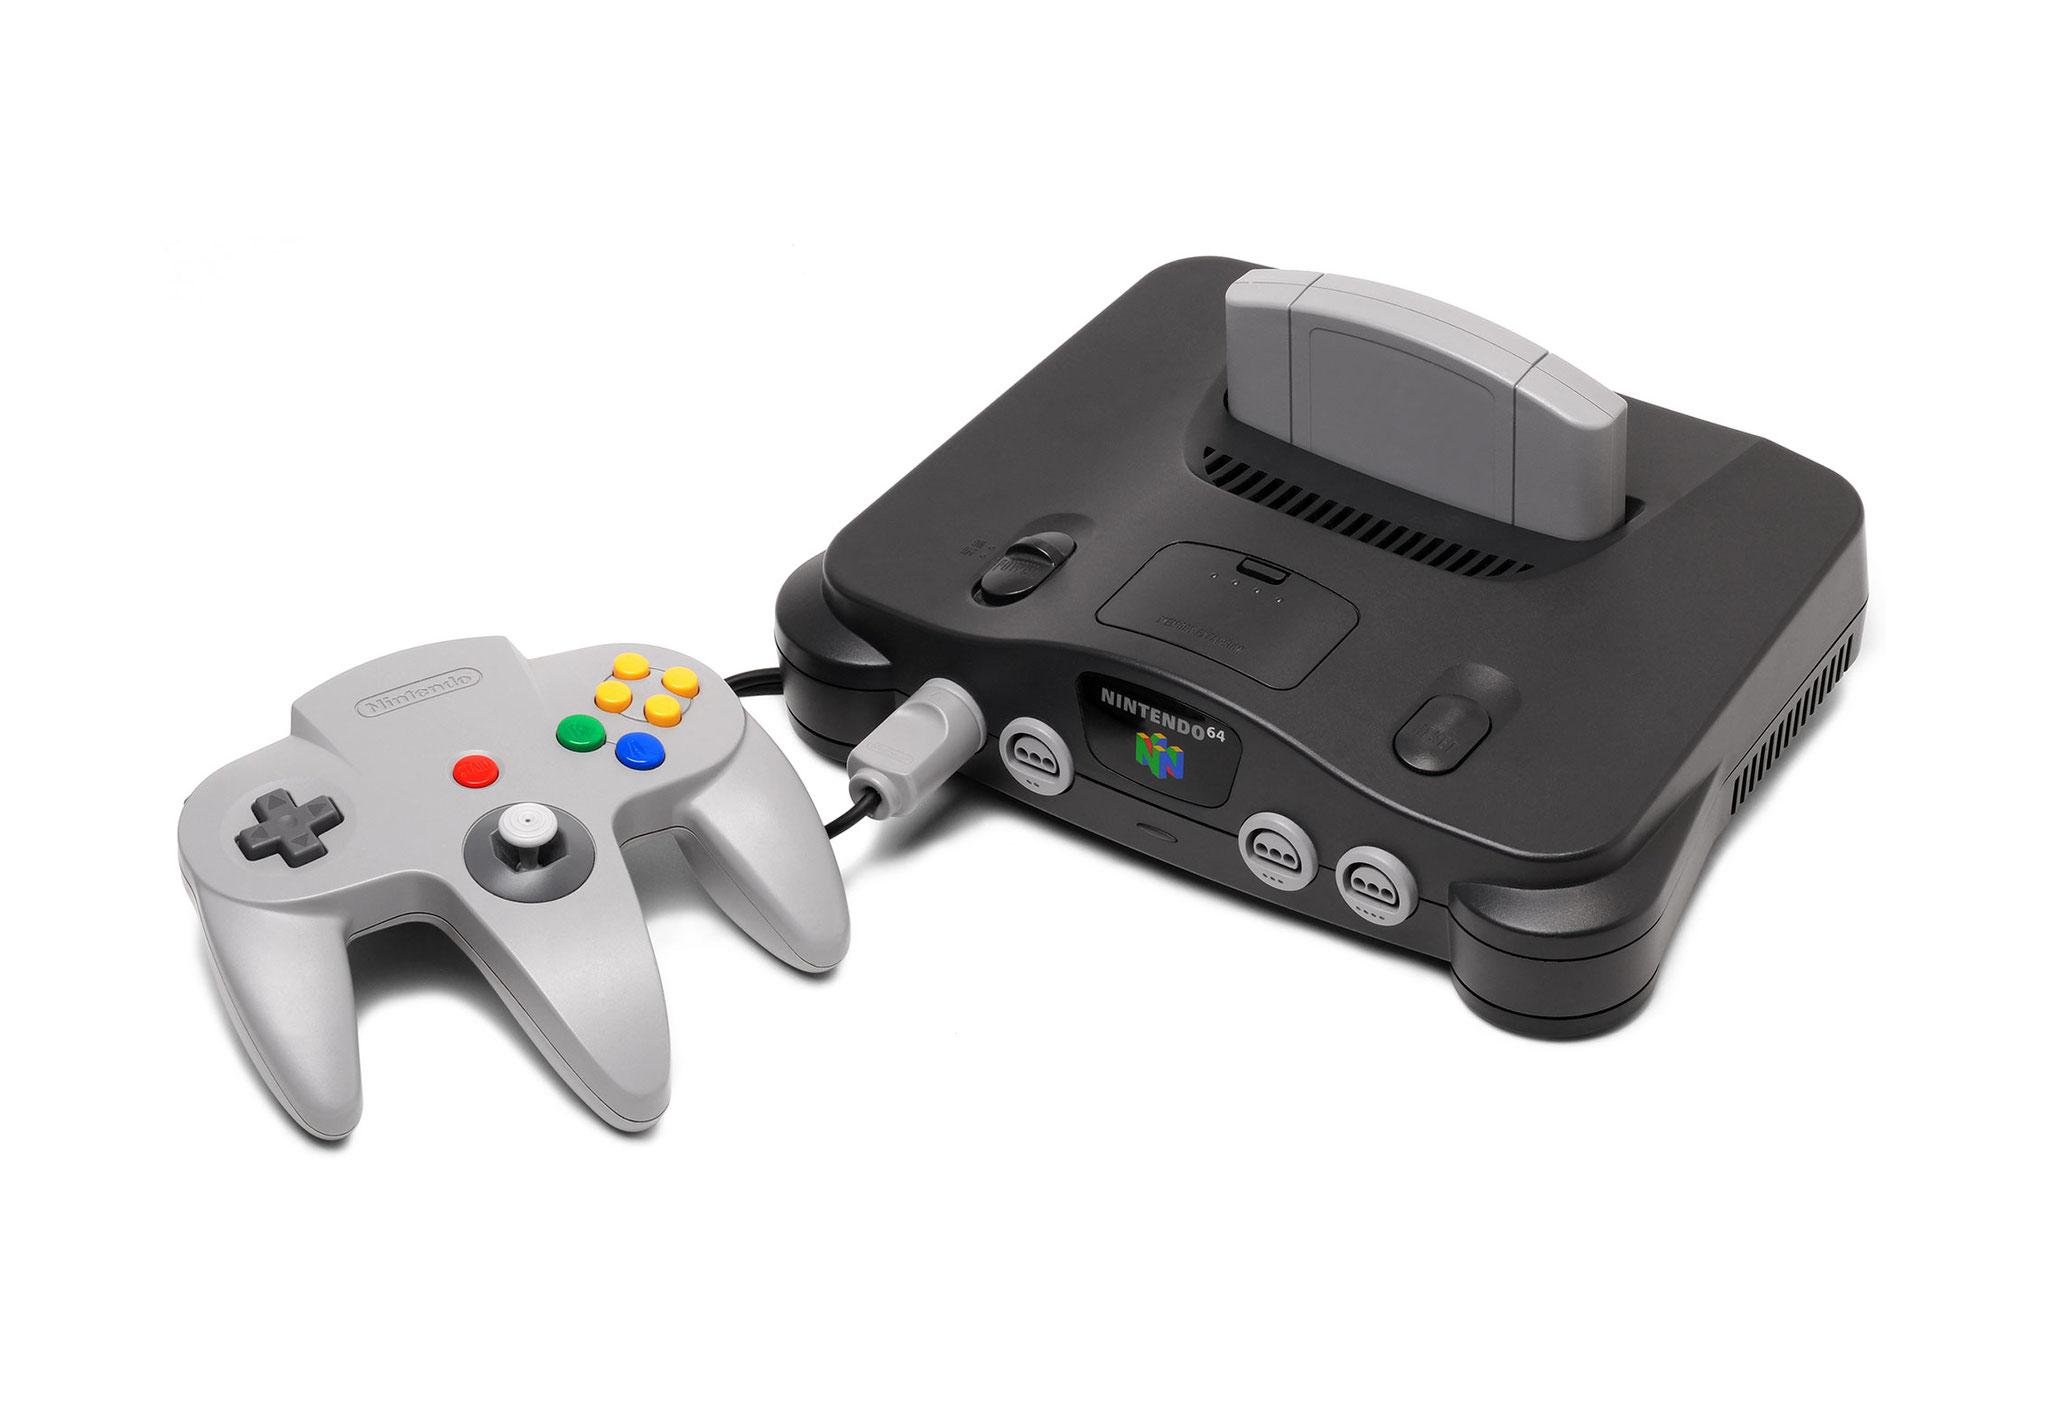 """Zahlreiche Leaks behaupteten, von einer N64-Gedächtniskonsole zu wissen – doch offenbar ist nach dem """"Super Nintendo Classic"""" erstmal Schluss mit """"Mini""""."""